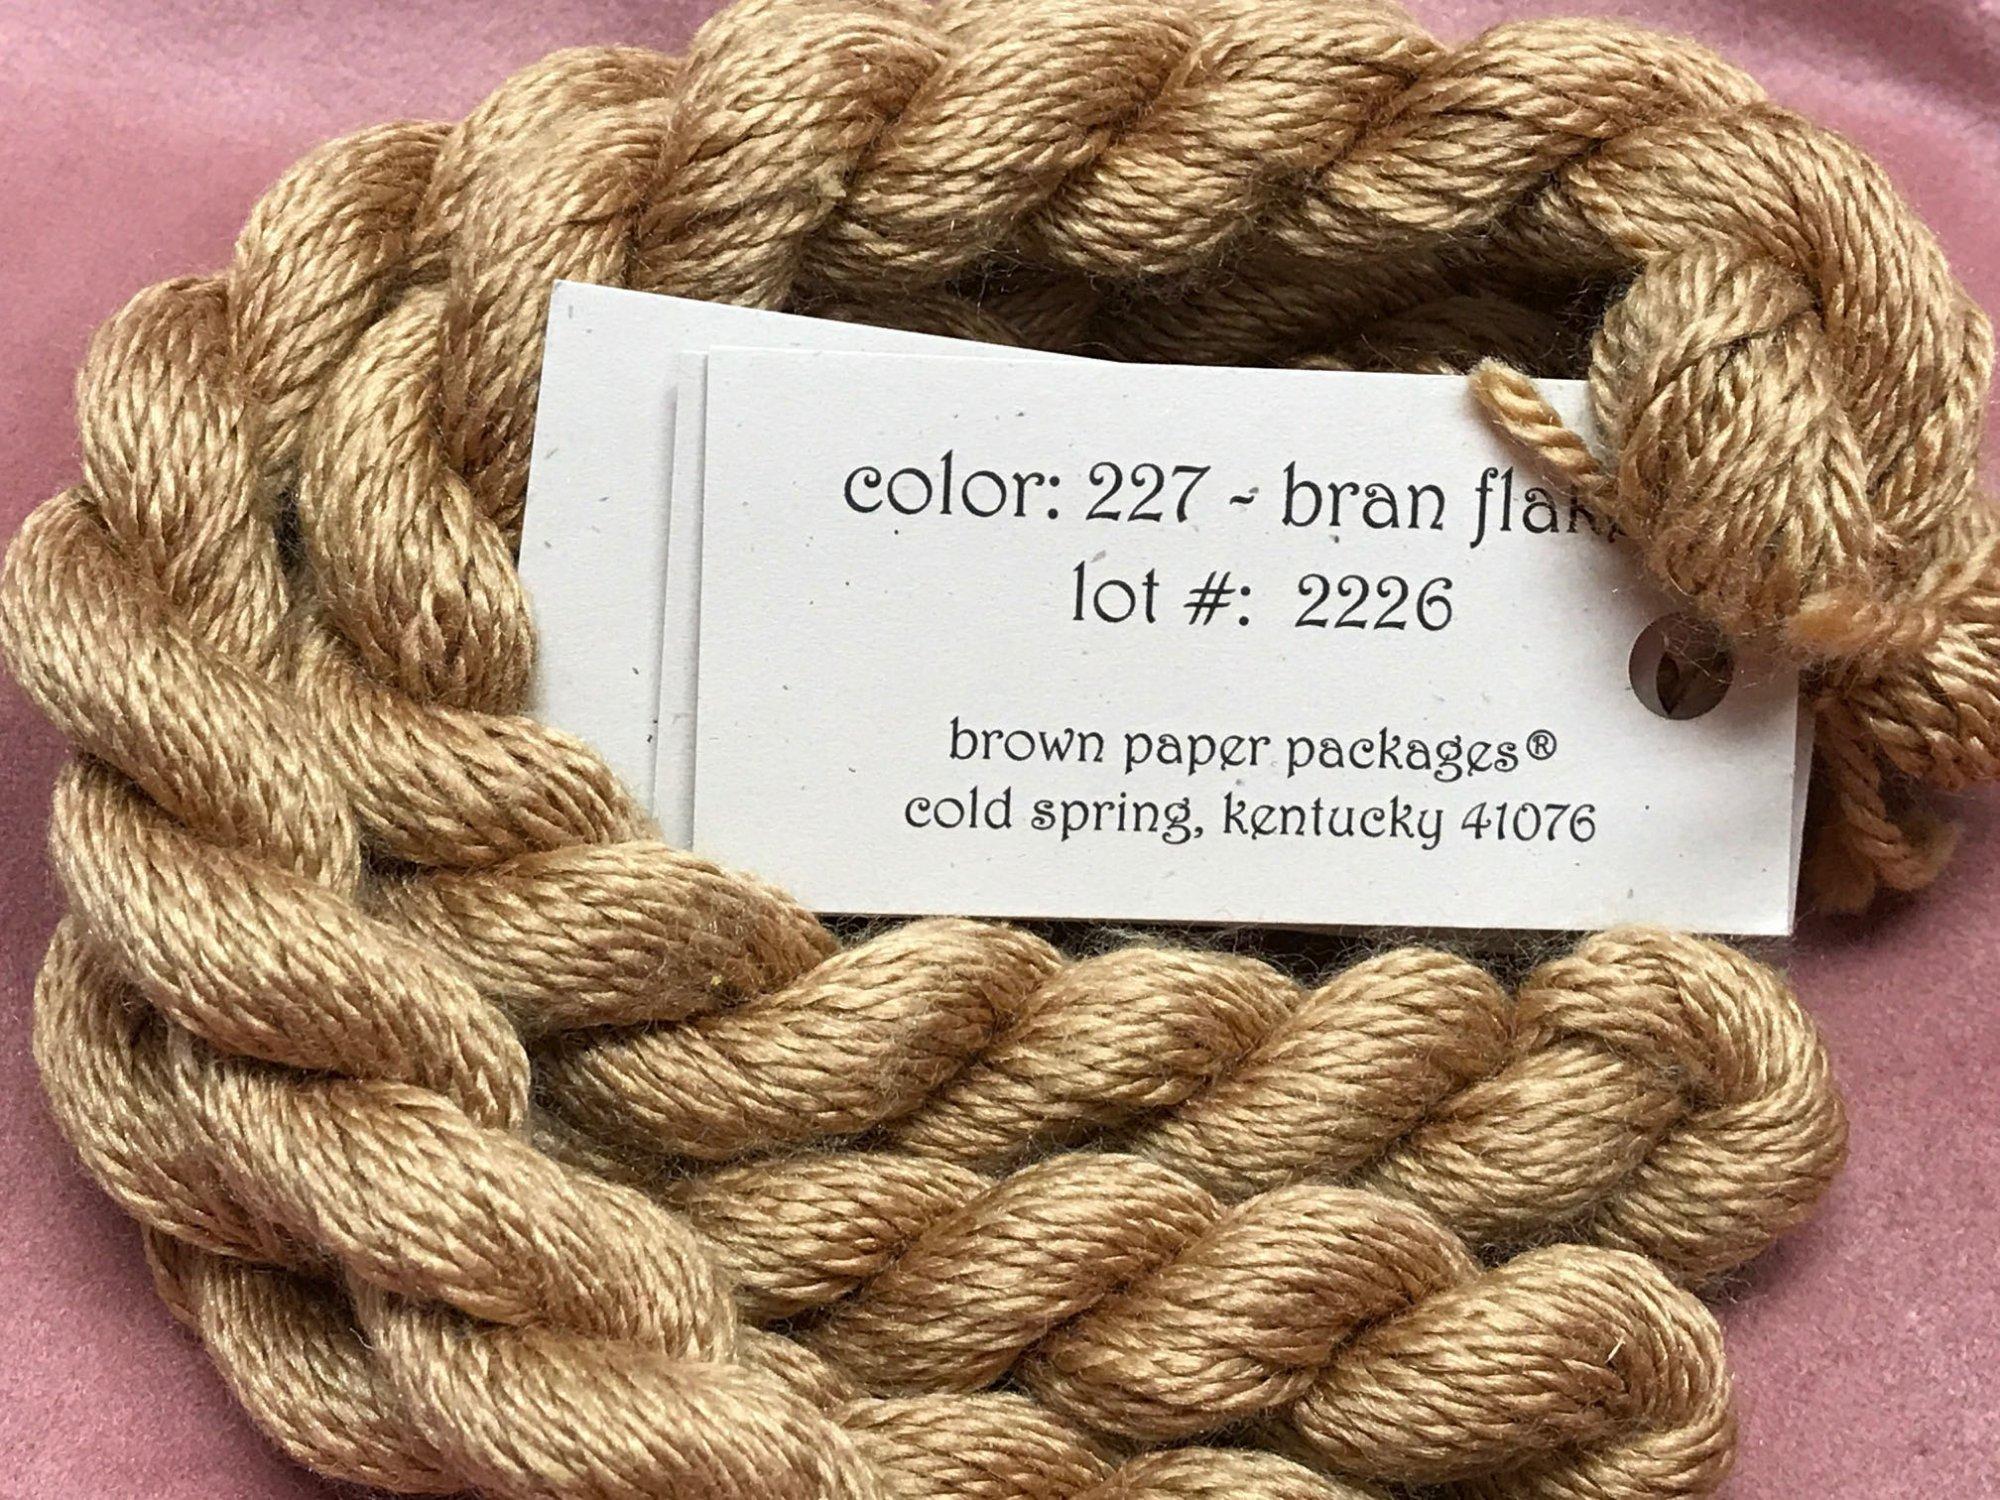 SI-BRAN FLAKES-227